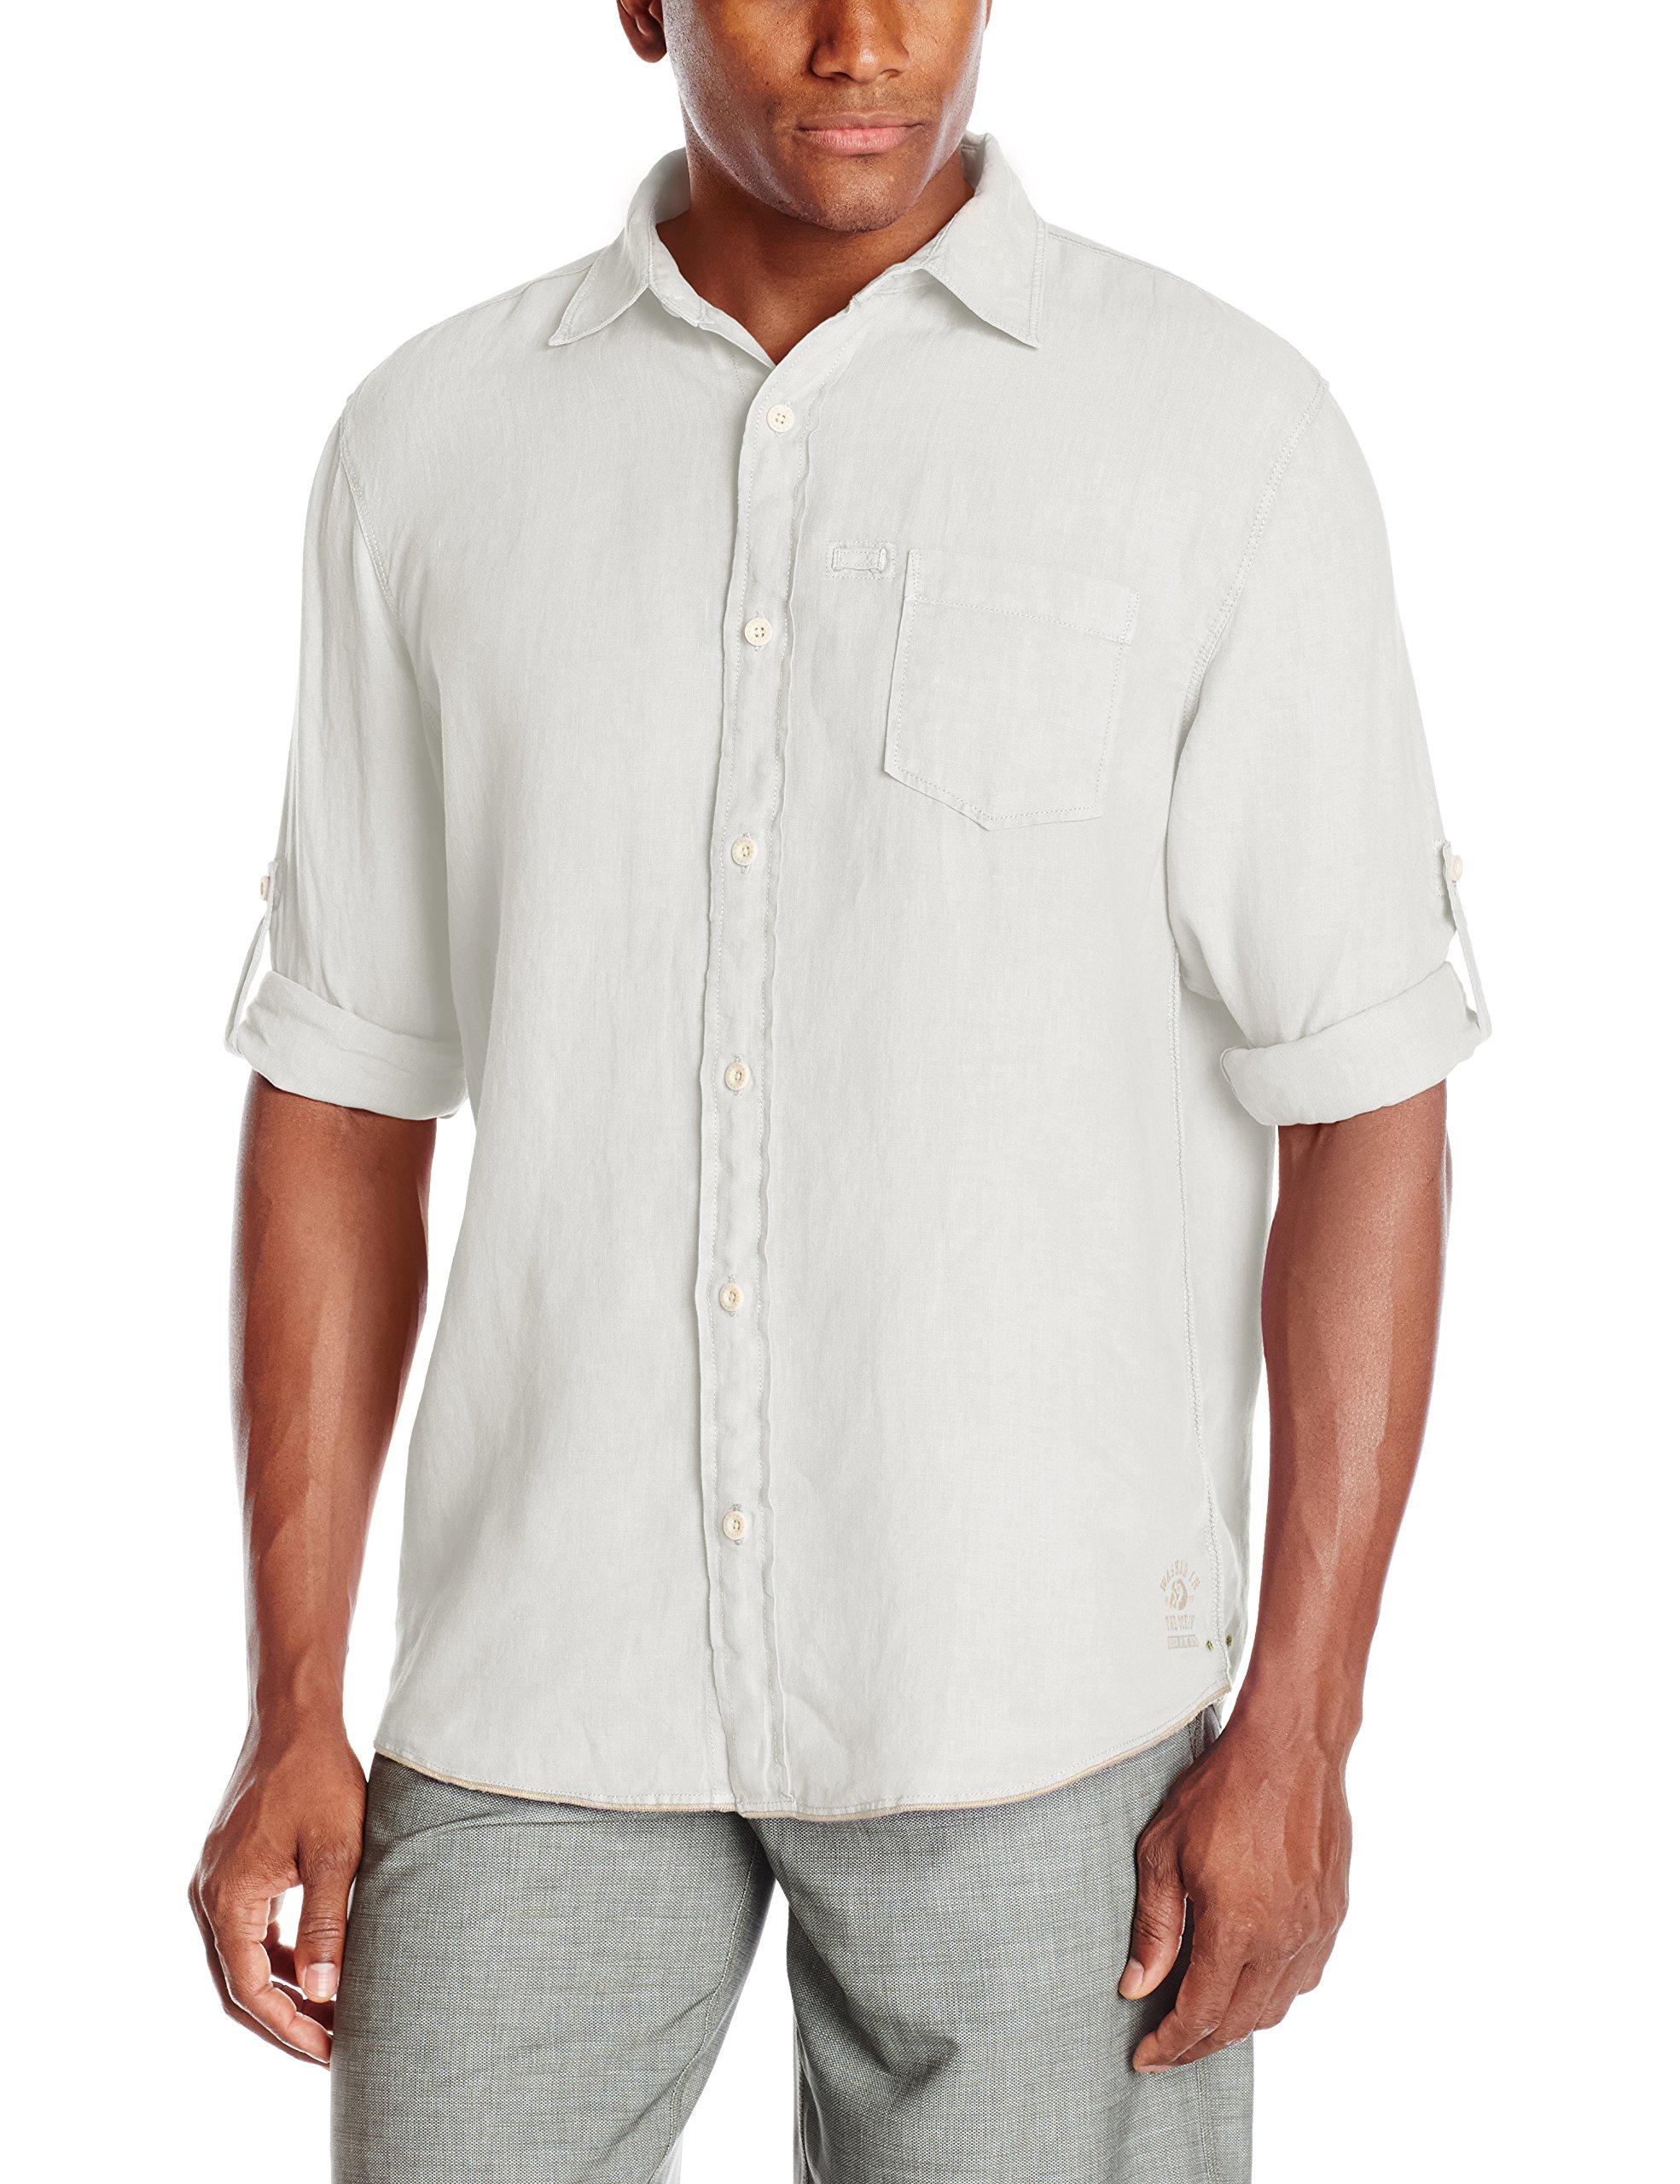 Margaritaville Men's Long Sleeve Garment Dyed Linen Shirt, Cream, X-Large